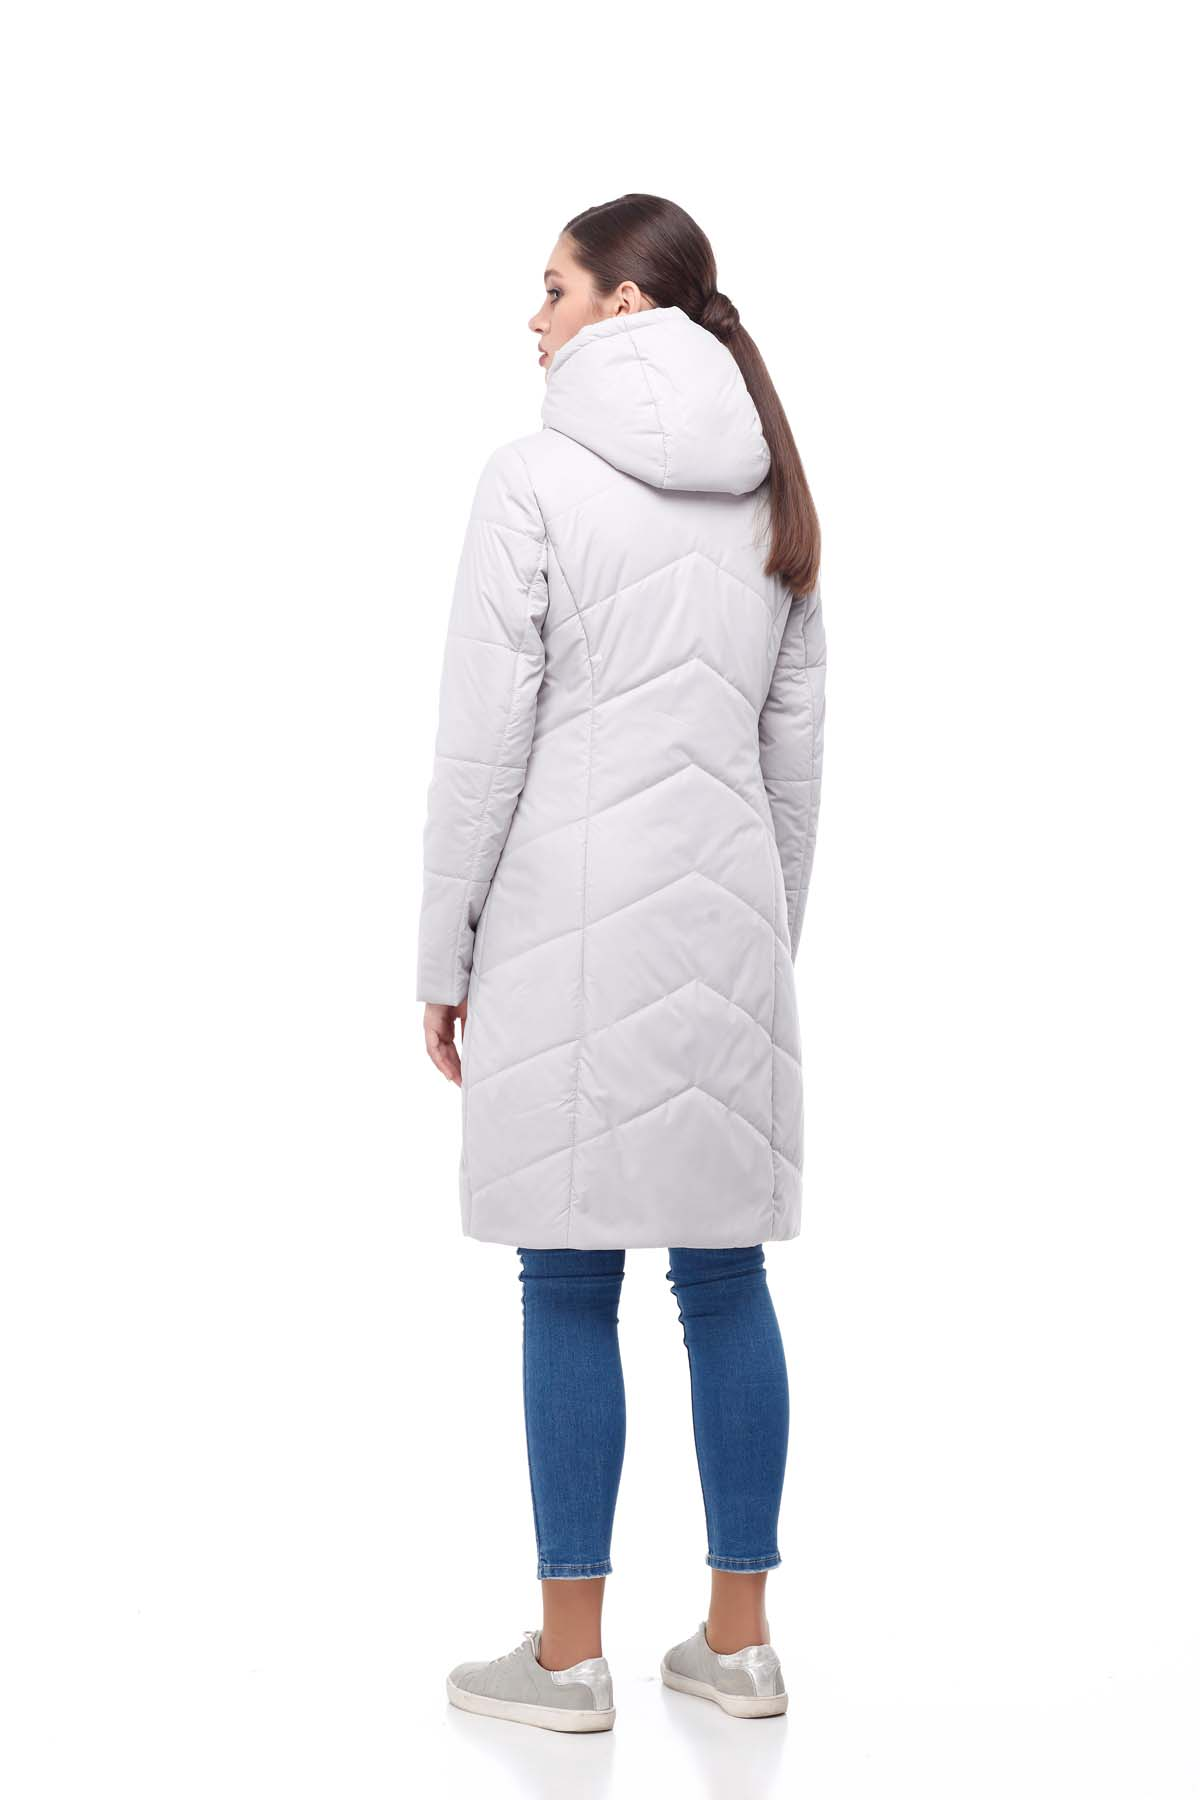 Пальто стьобана Камелія лід